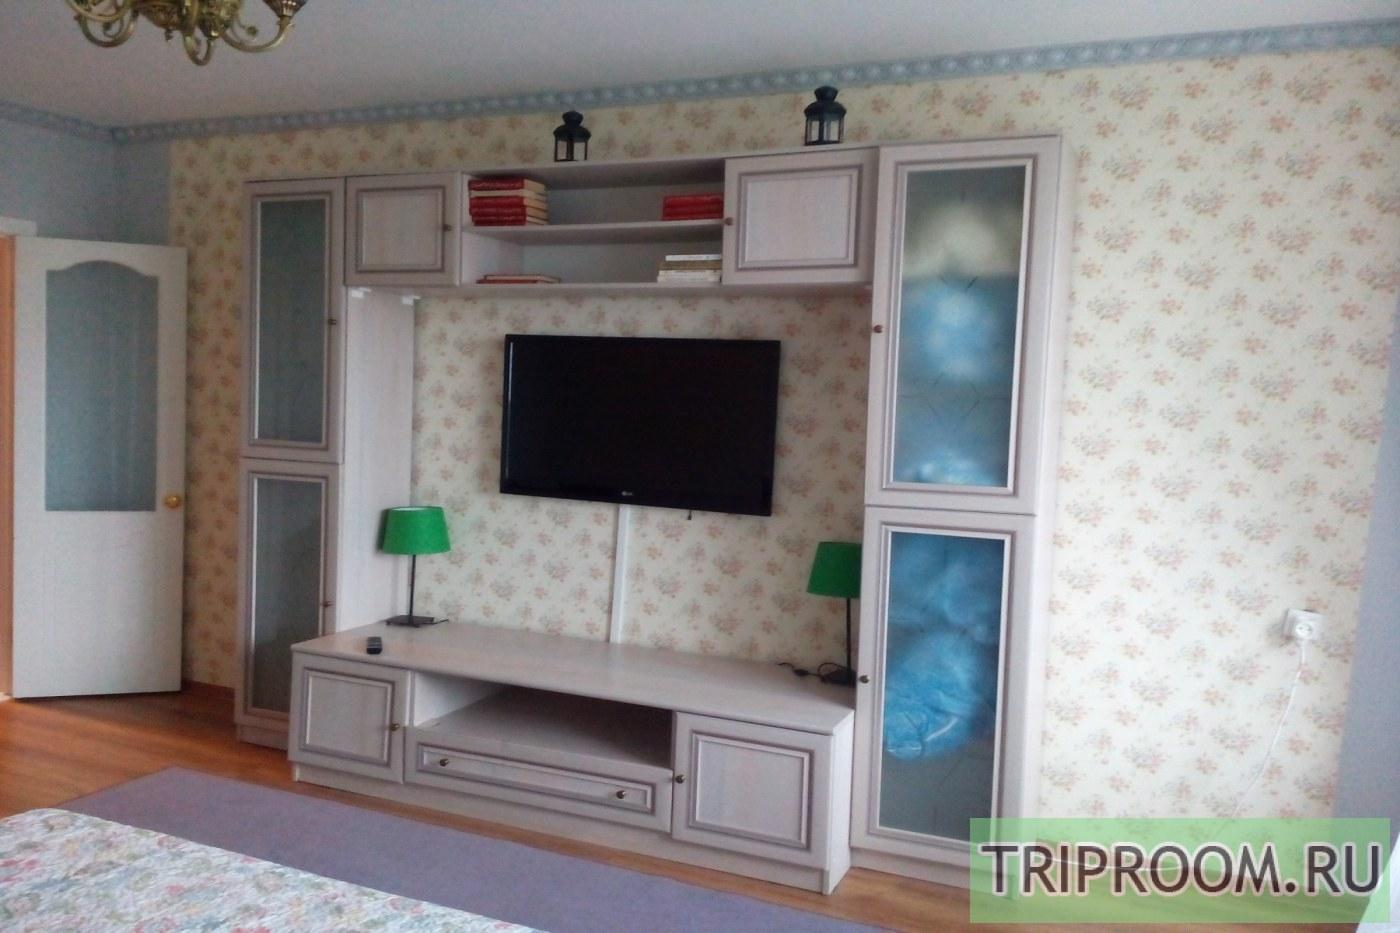 1-комнатная квартира посуточно (вариант № 39756), ул. Ивана Черных улица, фото № 1